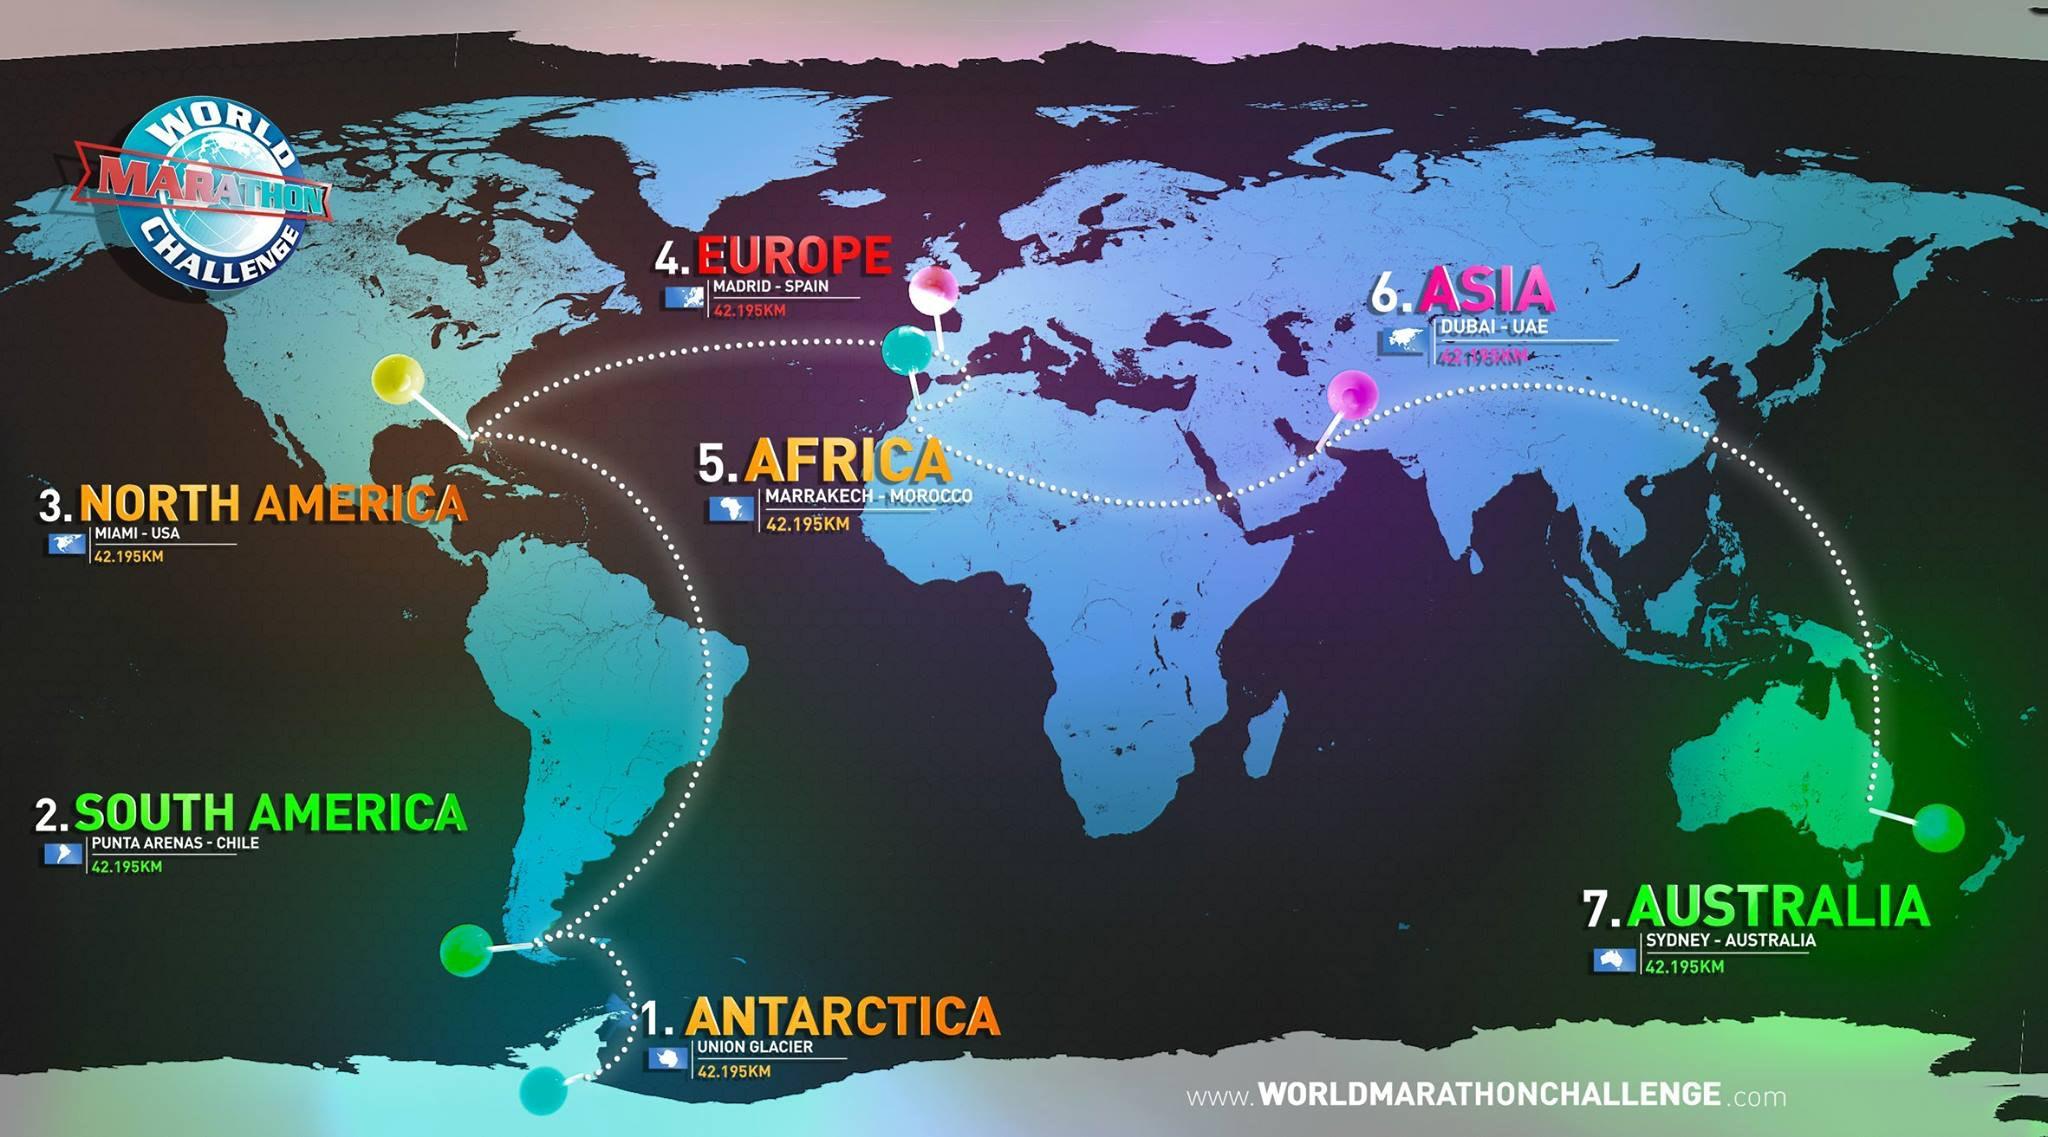 hvor mange kontinenter